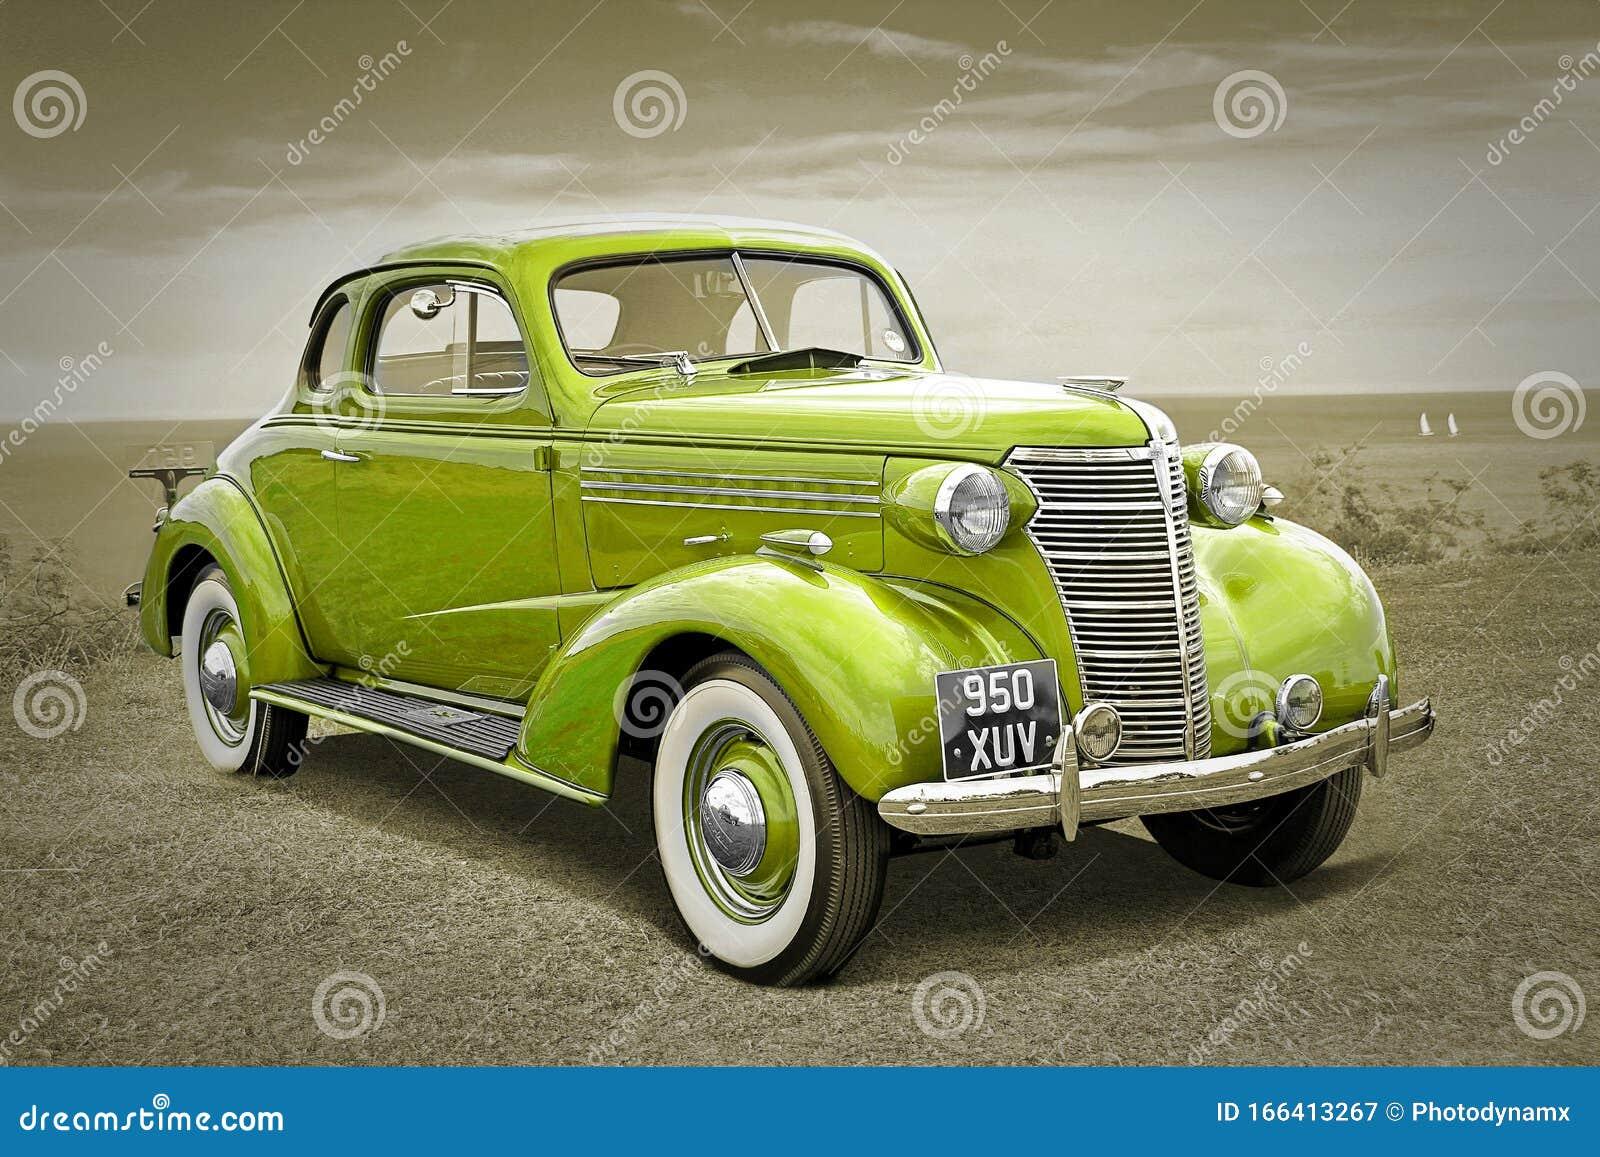 Vintage Chevrolet Chevrolet Räder Cabrio Autos Zeigen Sepia Schwarz Weißen Außenmotor Redaktionelles Stockfotografie Bild Von Sommer Bildschirmanzeige 166413267